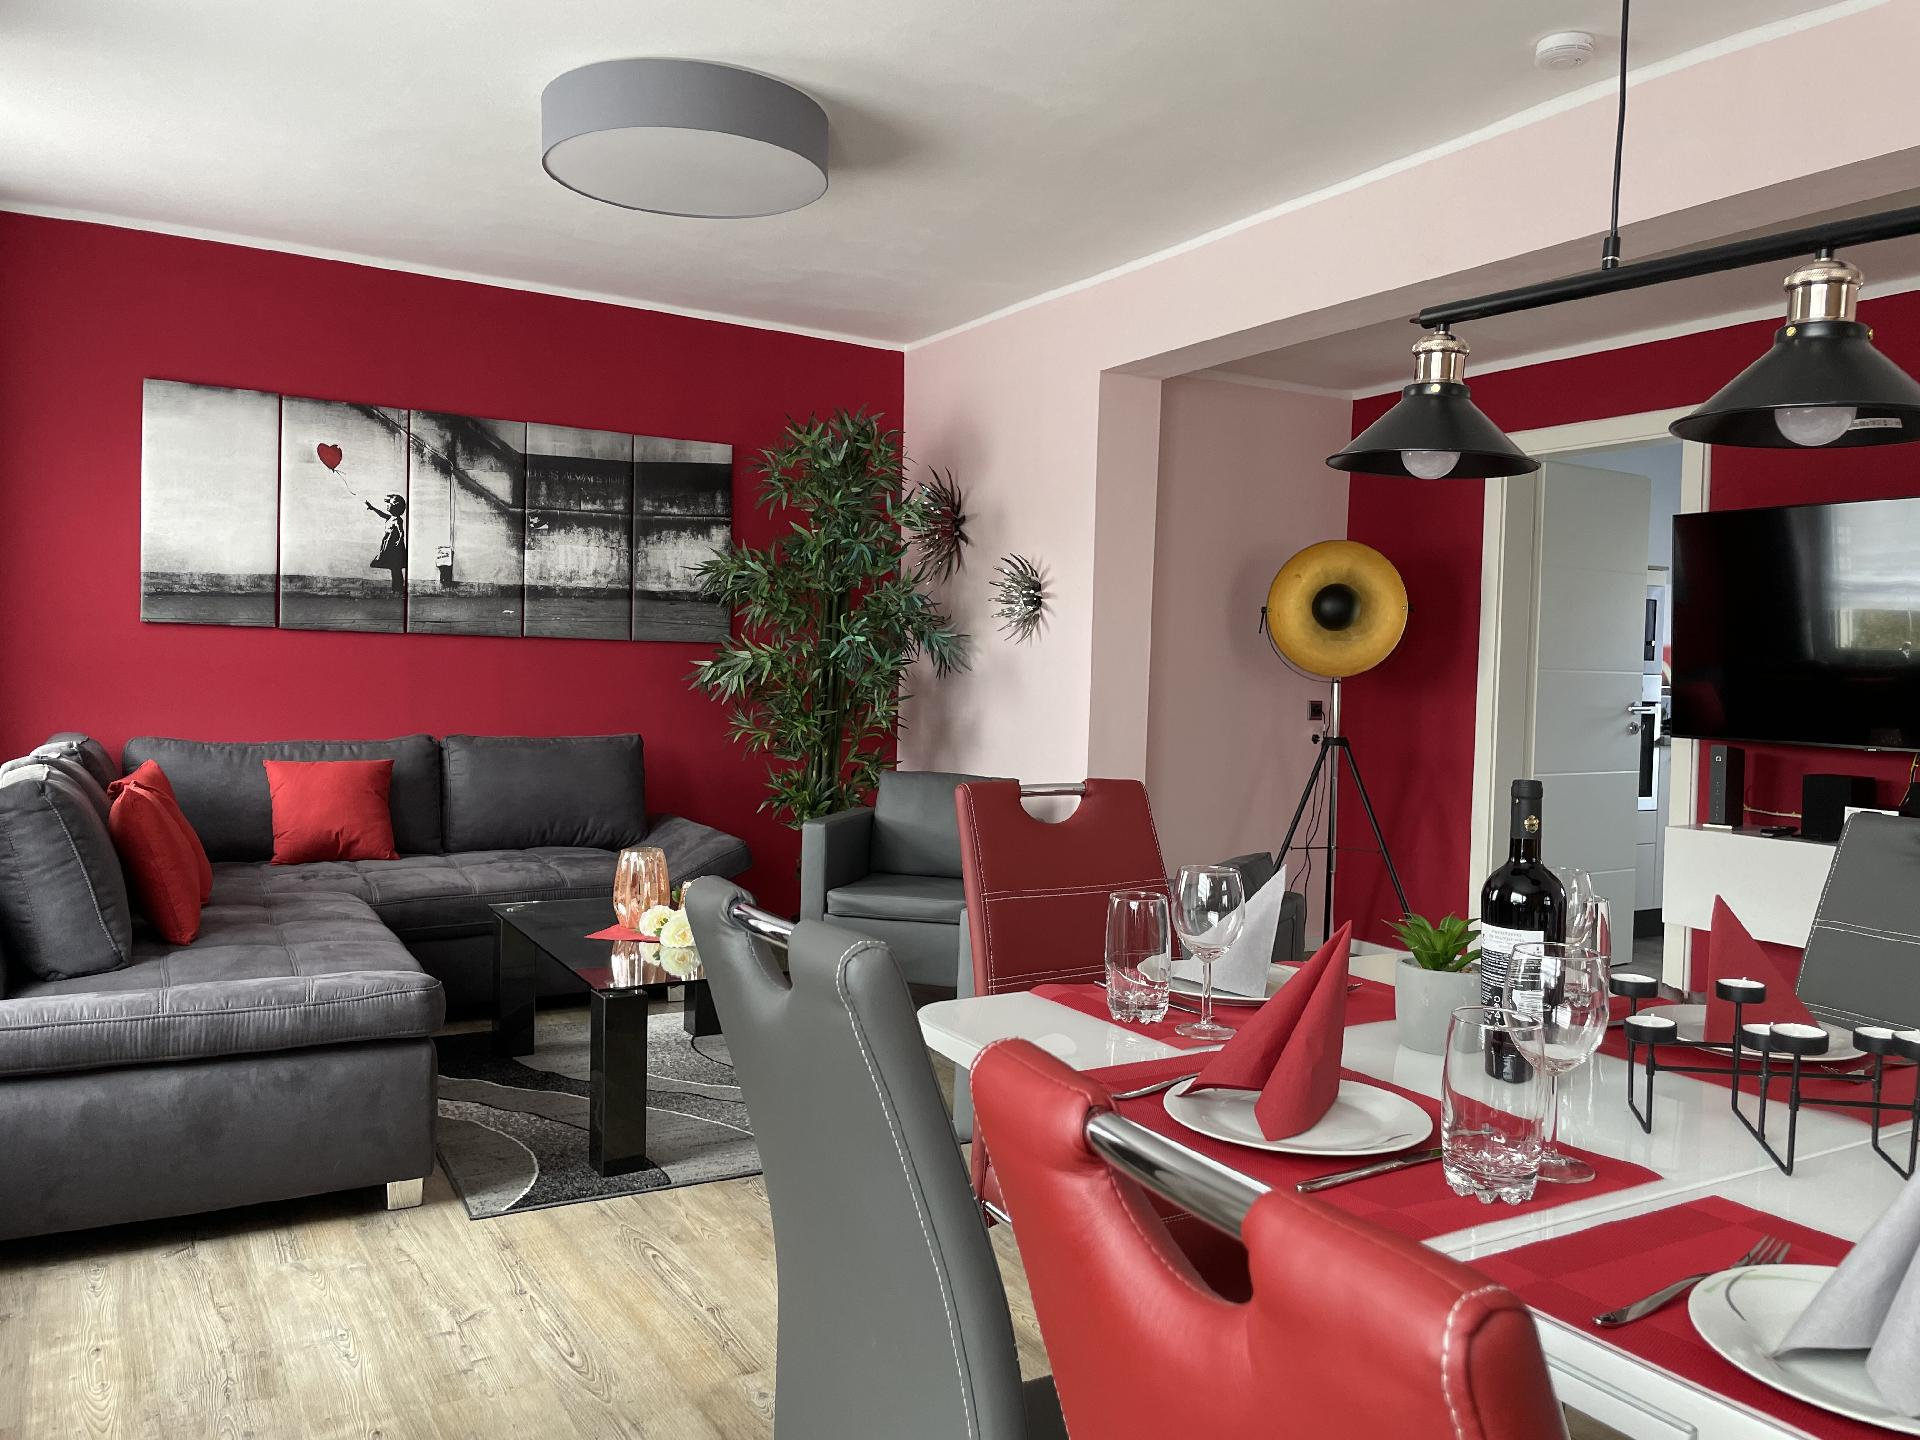 Ferienhaus für 8 Personen ca. 120 m² in   im Harz